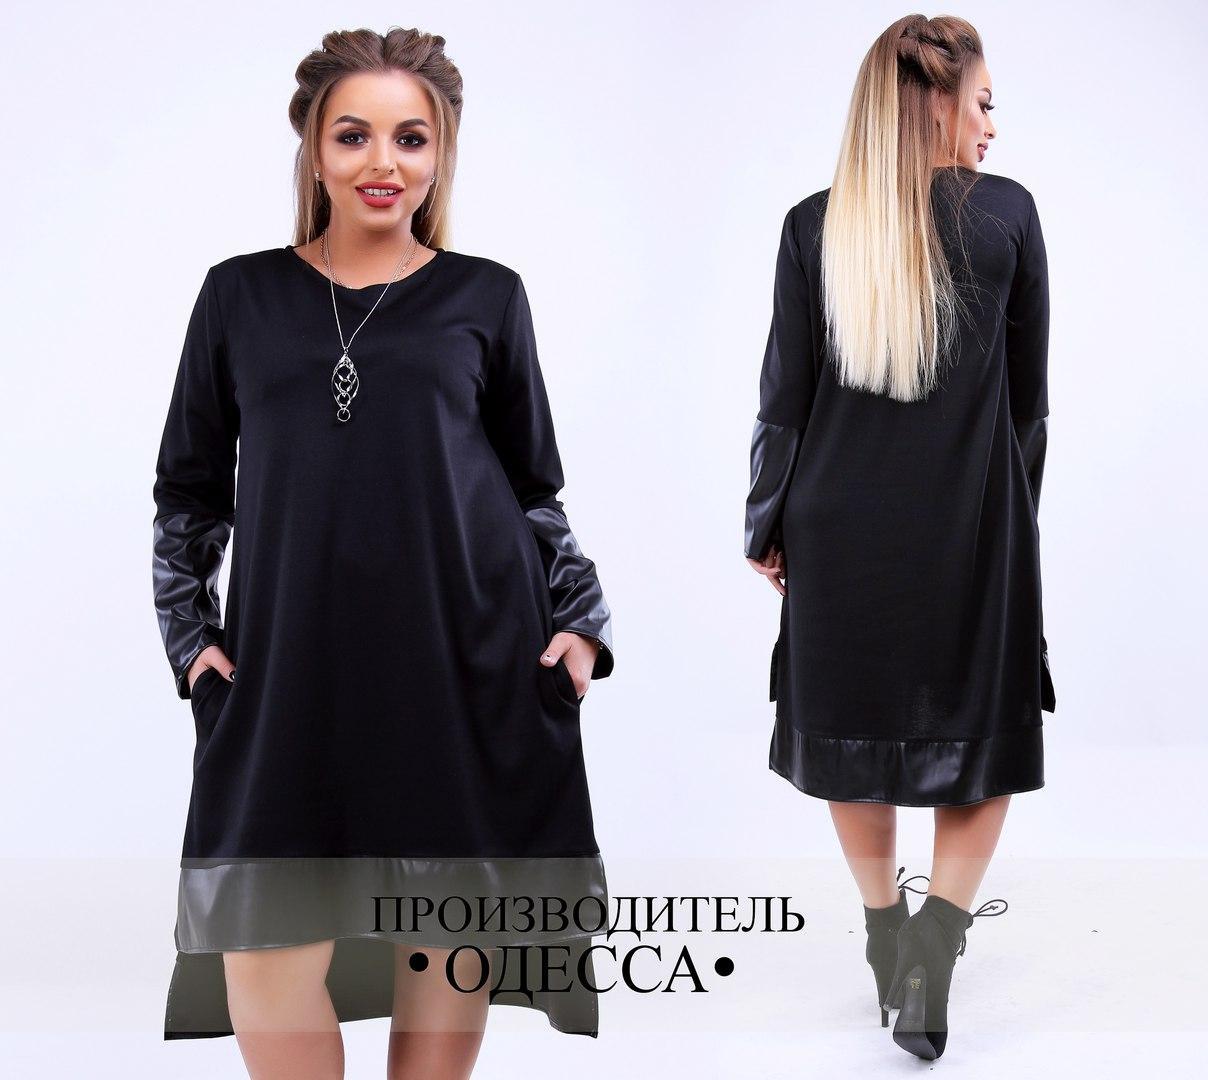 Платье свободного покроя в расцветках 30370  Интернет-магазин модной  женской одежды оптом и в розницу . Самые низкие цены в Украине. платья  женские от